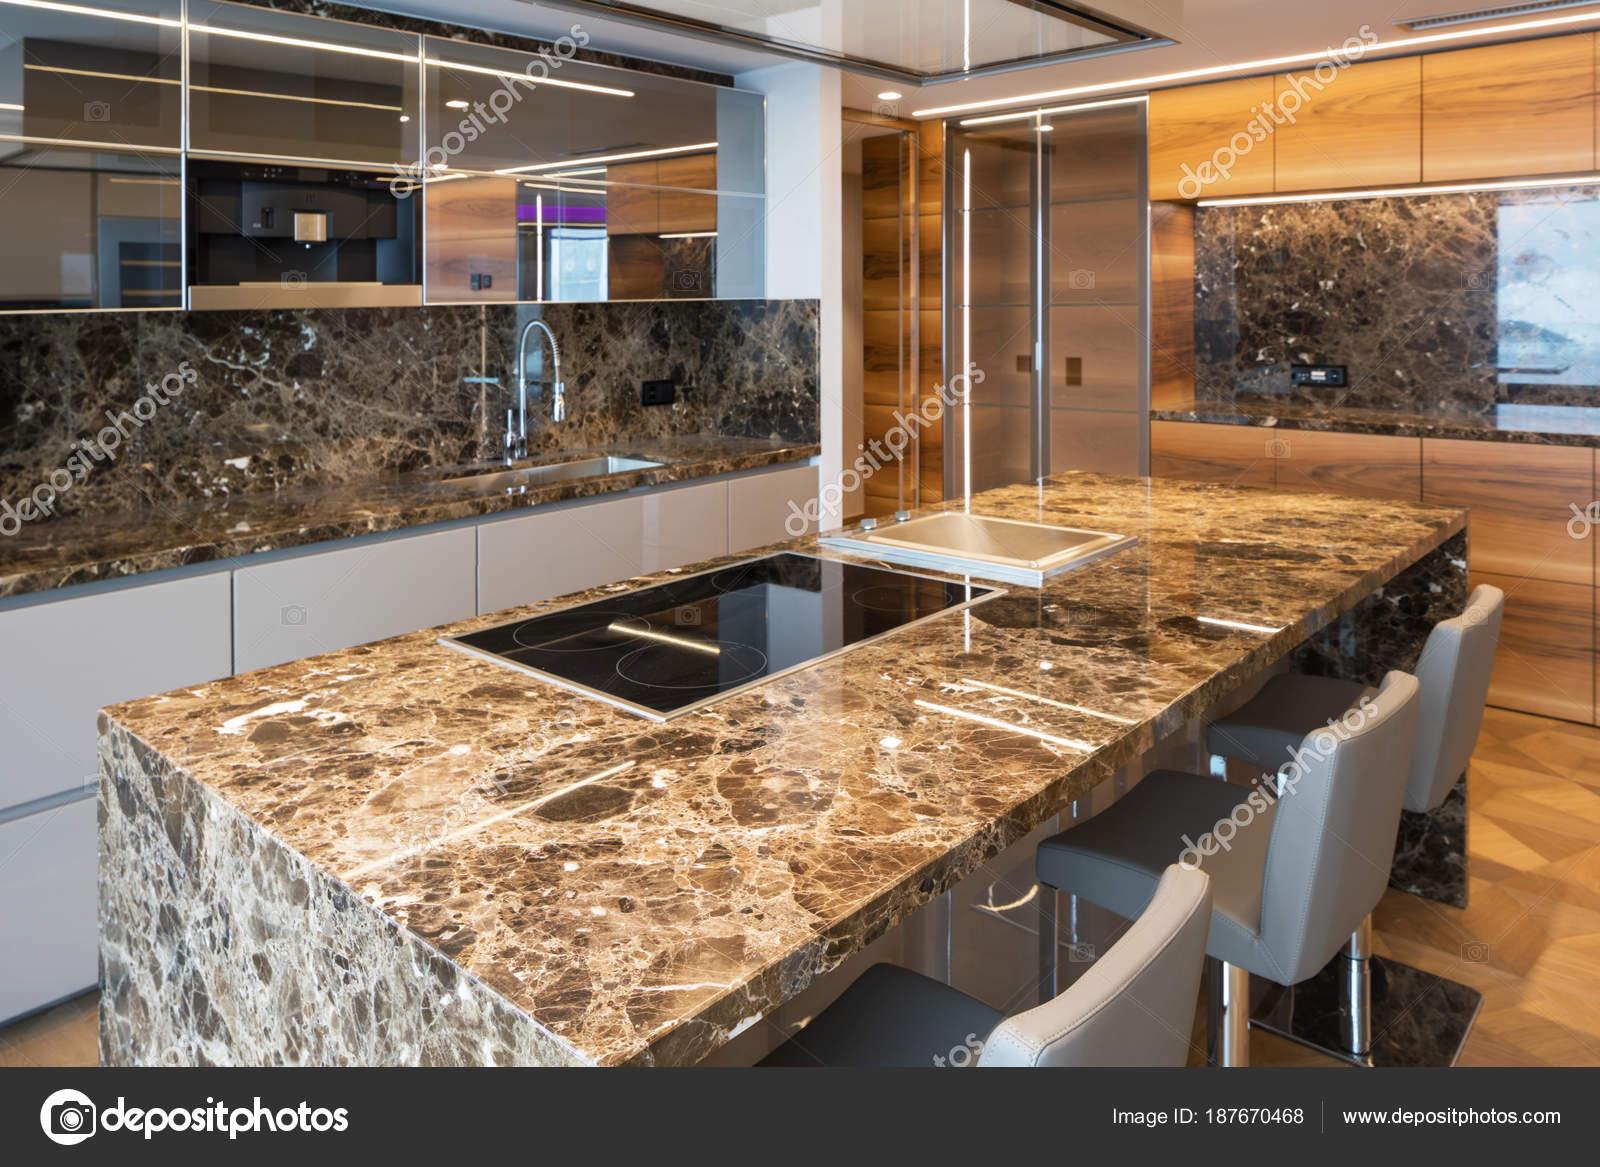 Moderna Cozinha Em M Rmore Com Ilha Stock Photo Zveiger 187670468